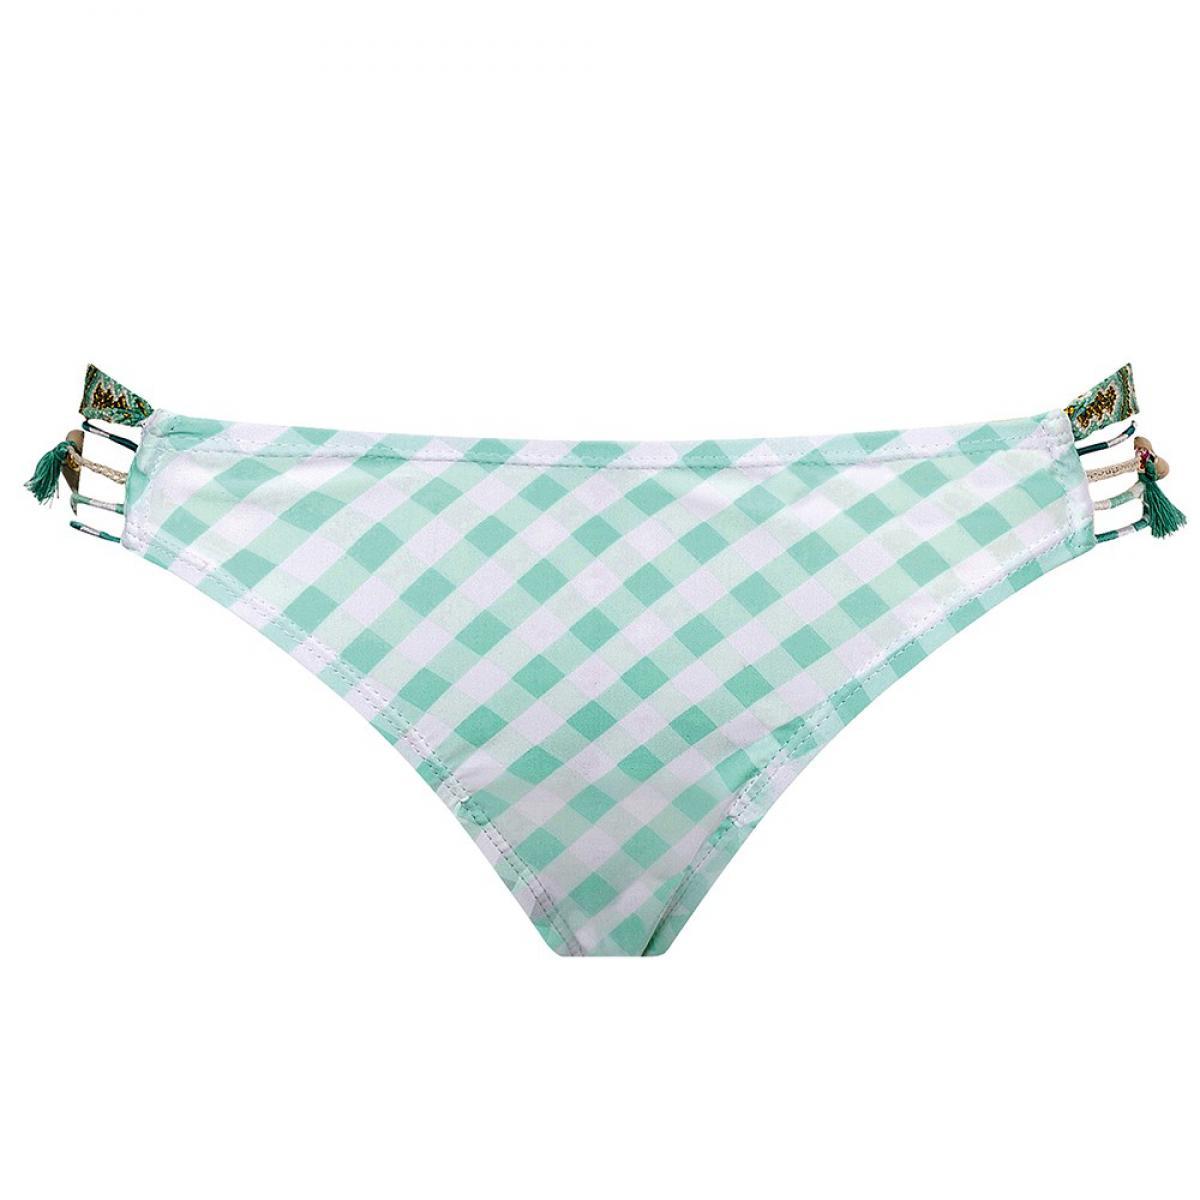 Enfants de filles Lisa Frank Tiger Rainbow natation maillot de bain maillot de bain O9